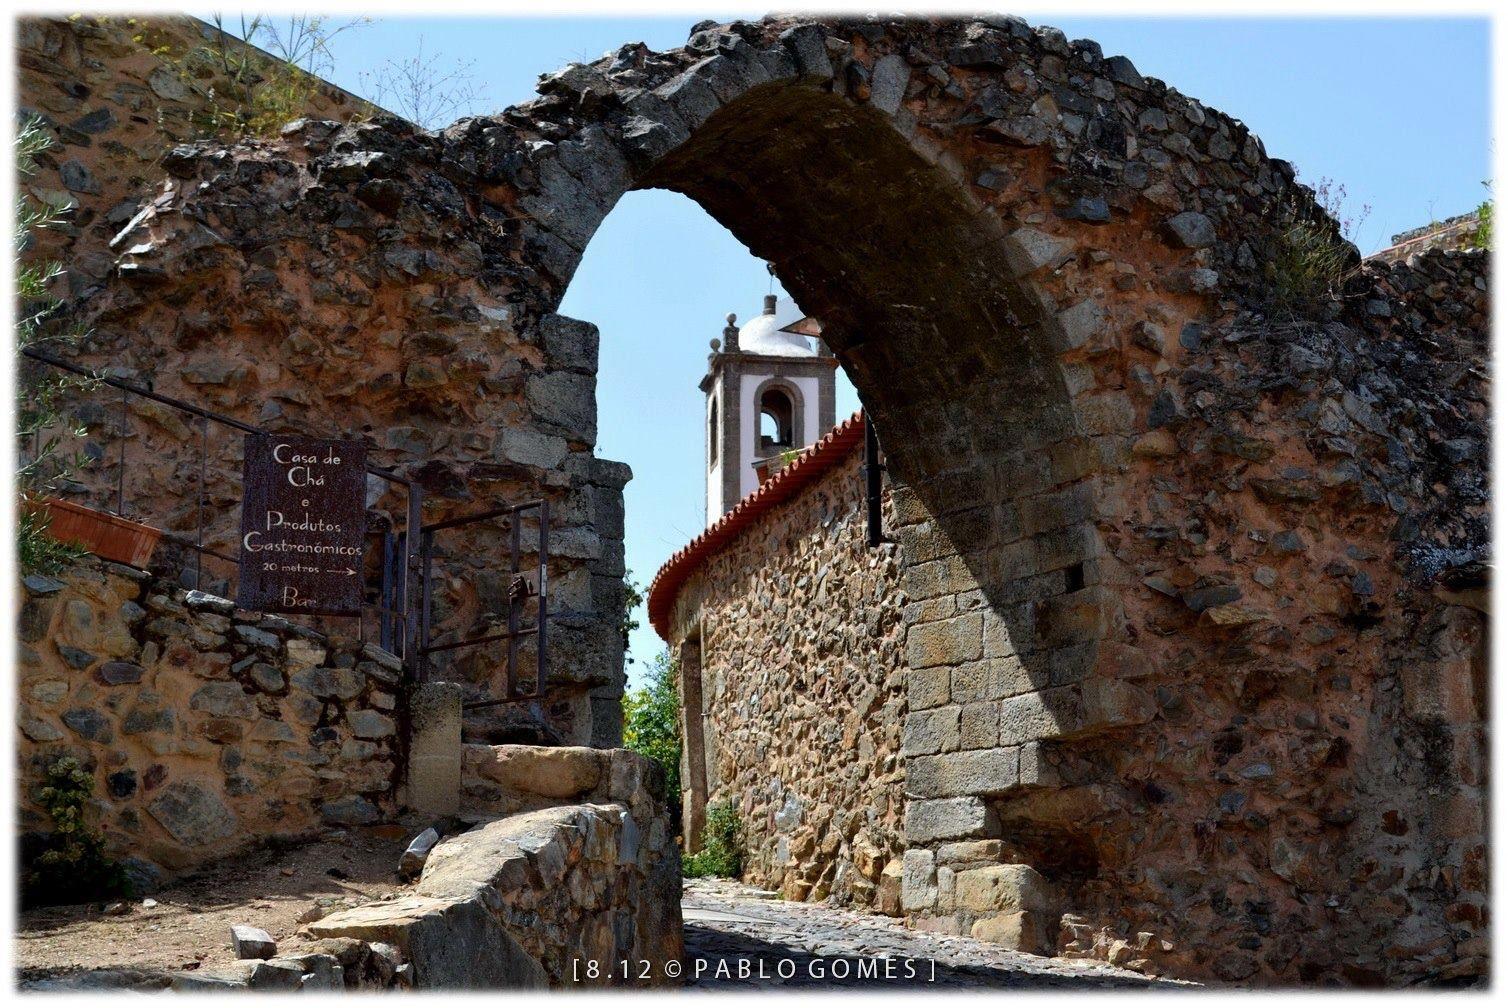 [2012 - Castelo Rodrigo - Portugal] #fotografia #fotografias #photography #foto #fotos #photo #photos #local #locais #locals #europa #europe #tourism @Visit Portugal @ePortugal